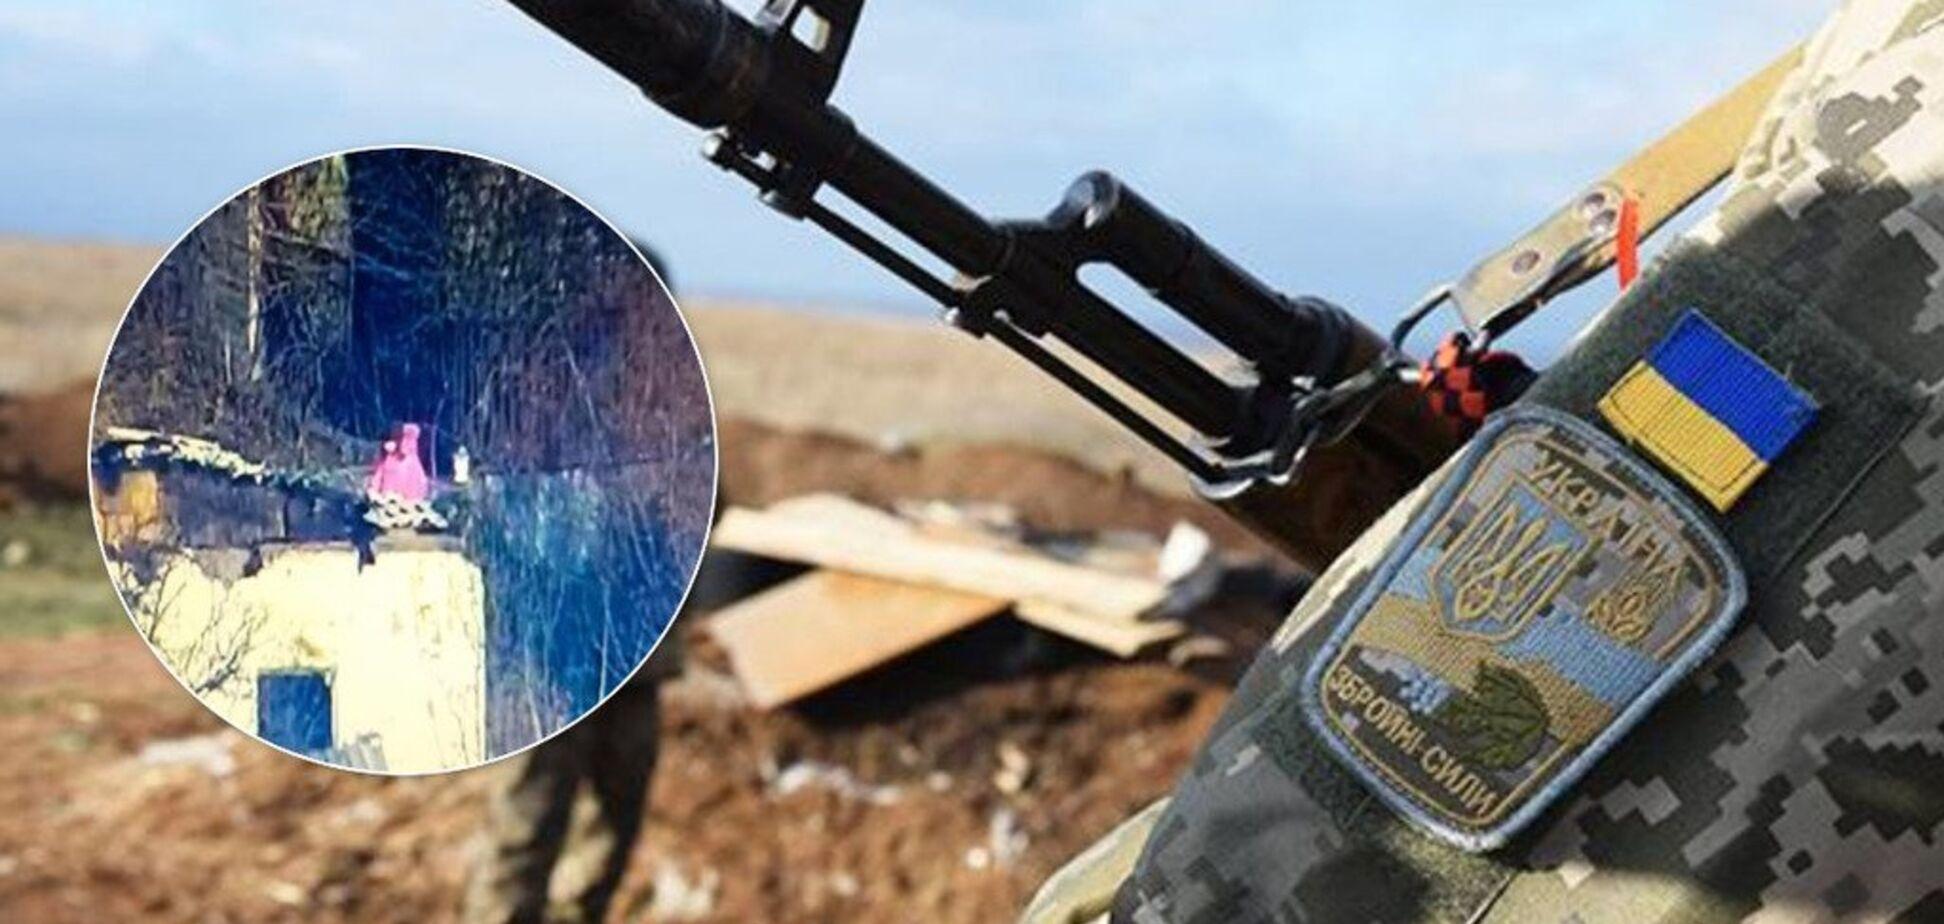 'Ховається за дитячою спиною': на позиції снайпера 'ДНР' помітили дівчинку. Фотофакт